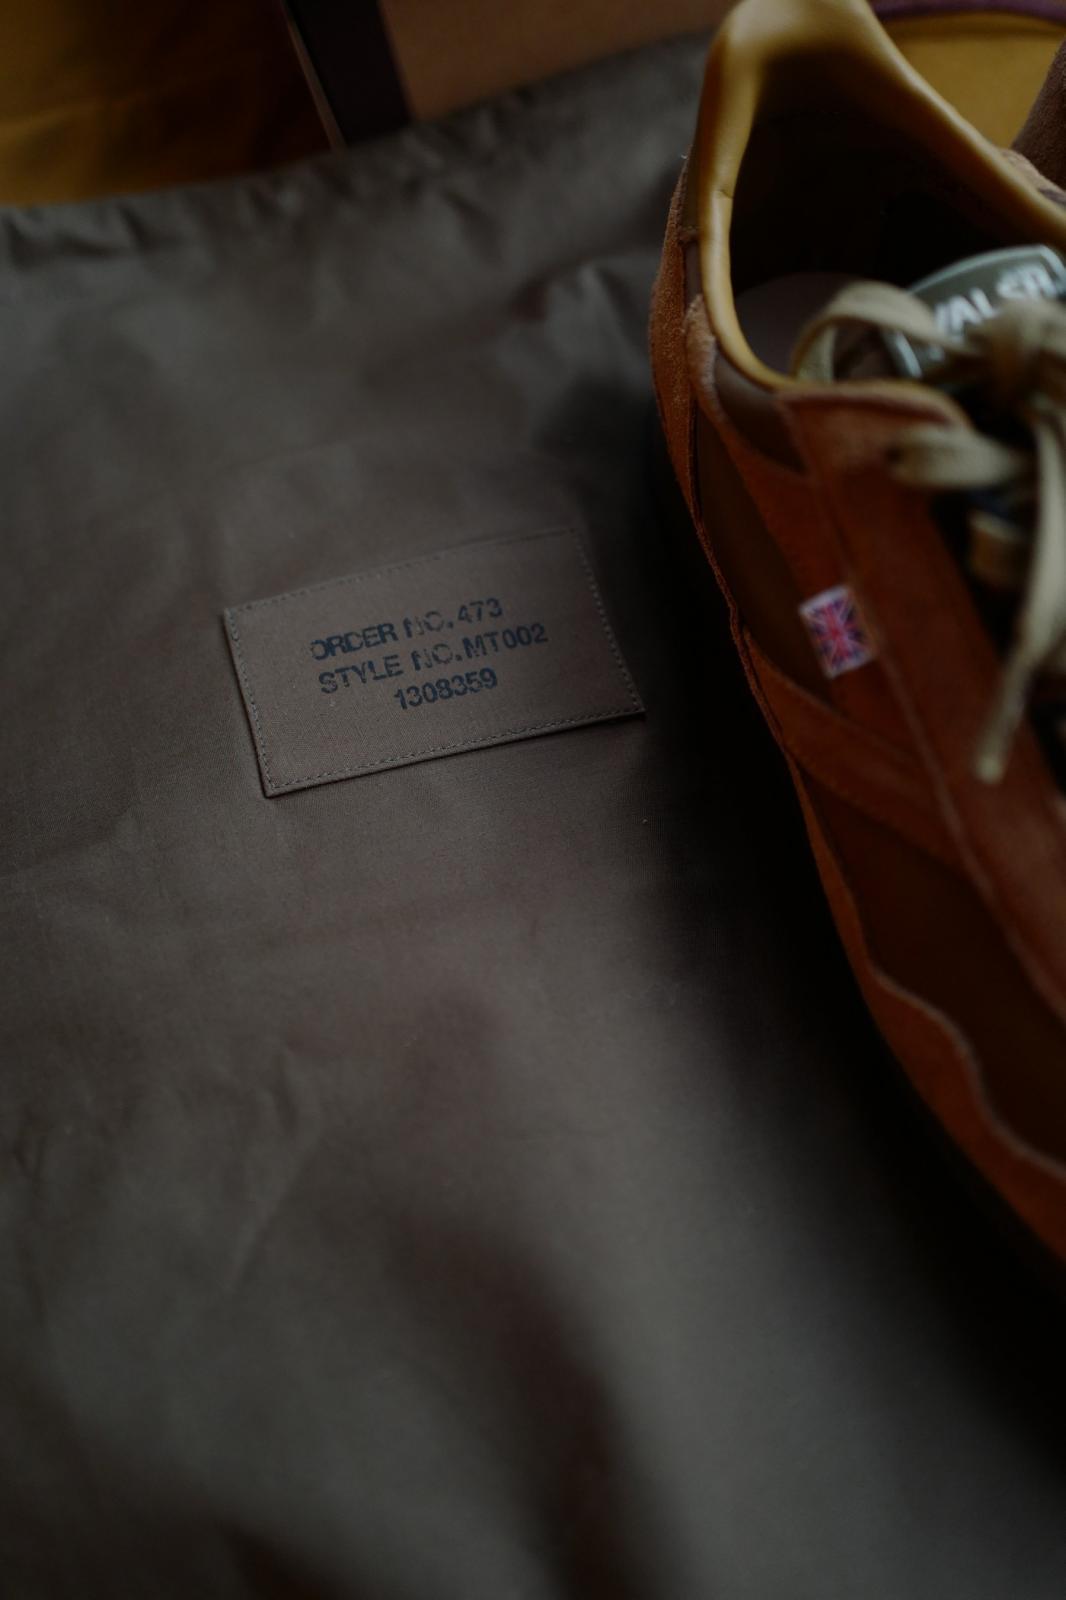 U.Sage 携手 Norman Walsh 打造 British Trainers 联名鞋款